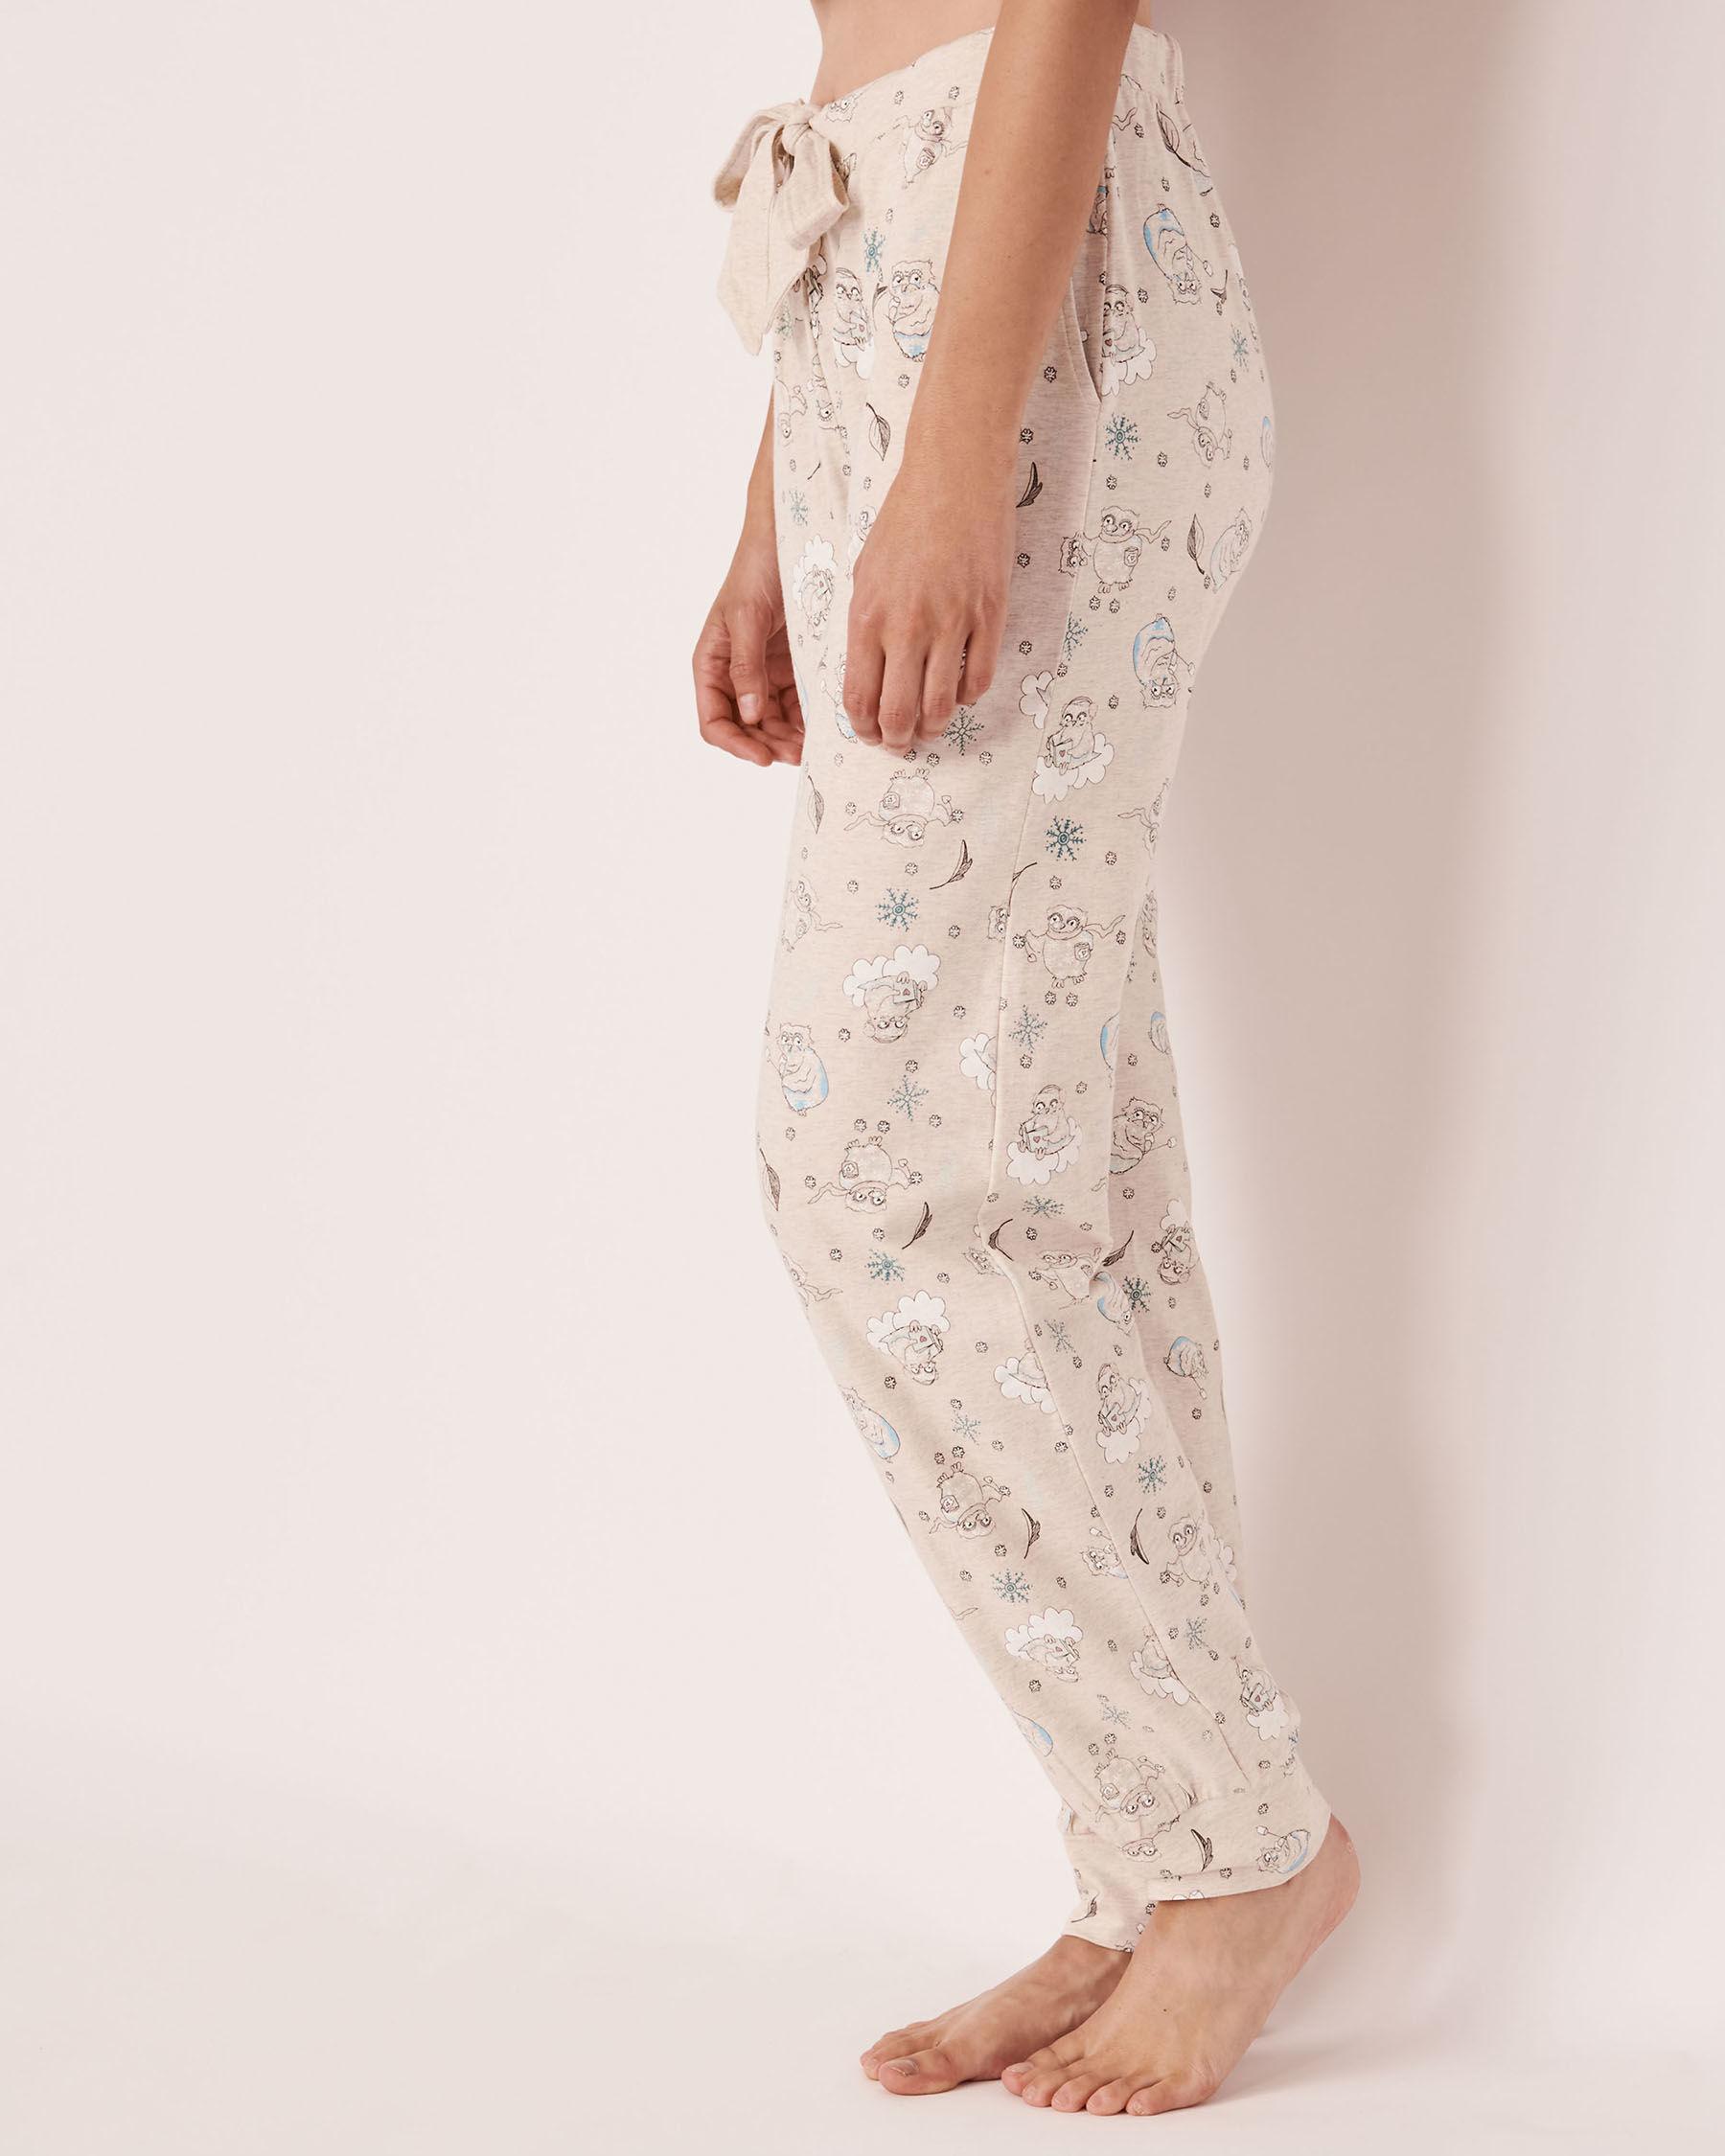 LA VIE EN ROSE Organic Cotton Fitted Pant Owl 40200144 - View1